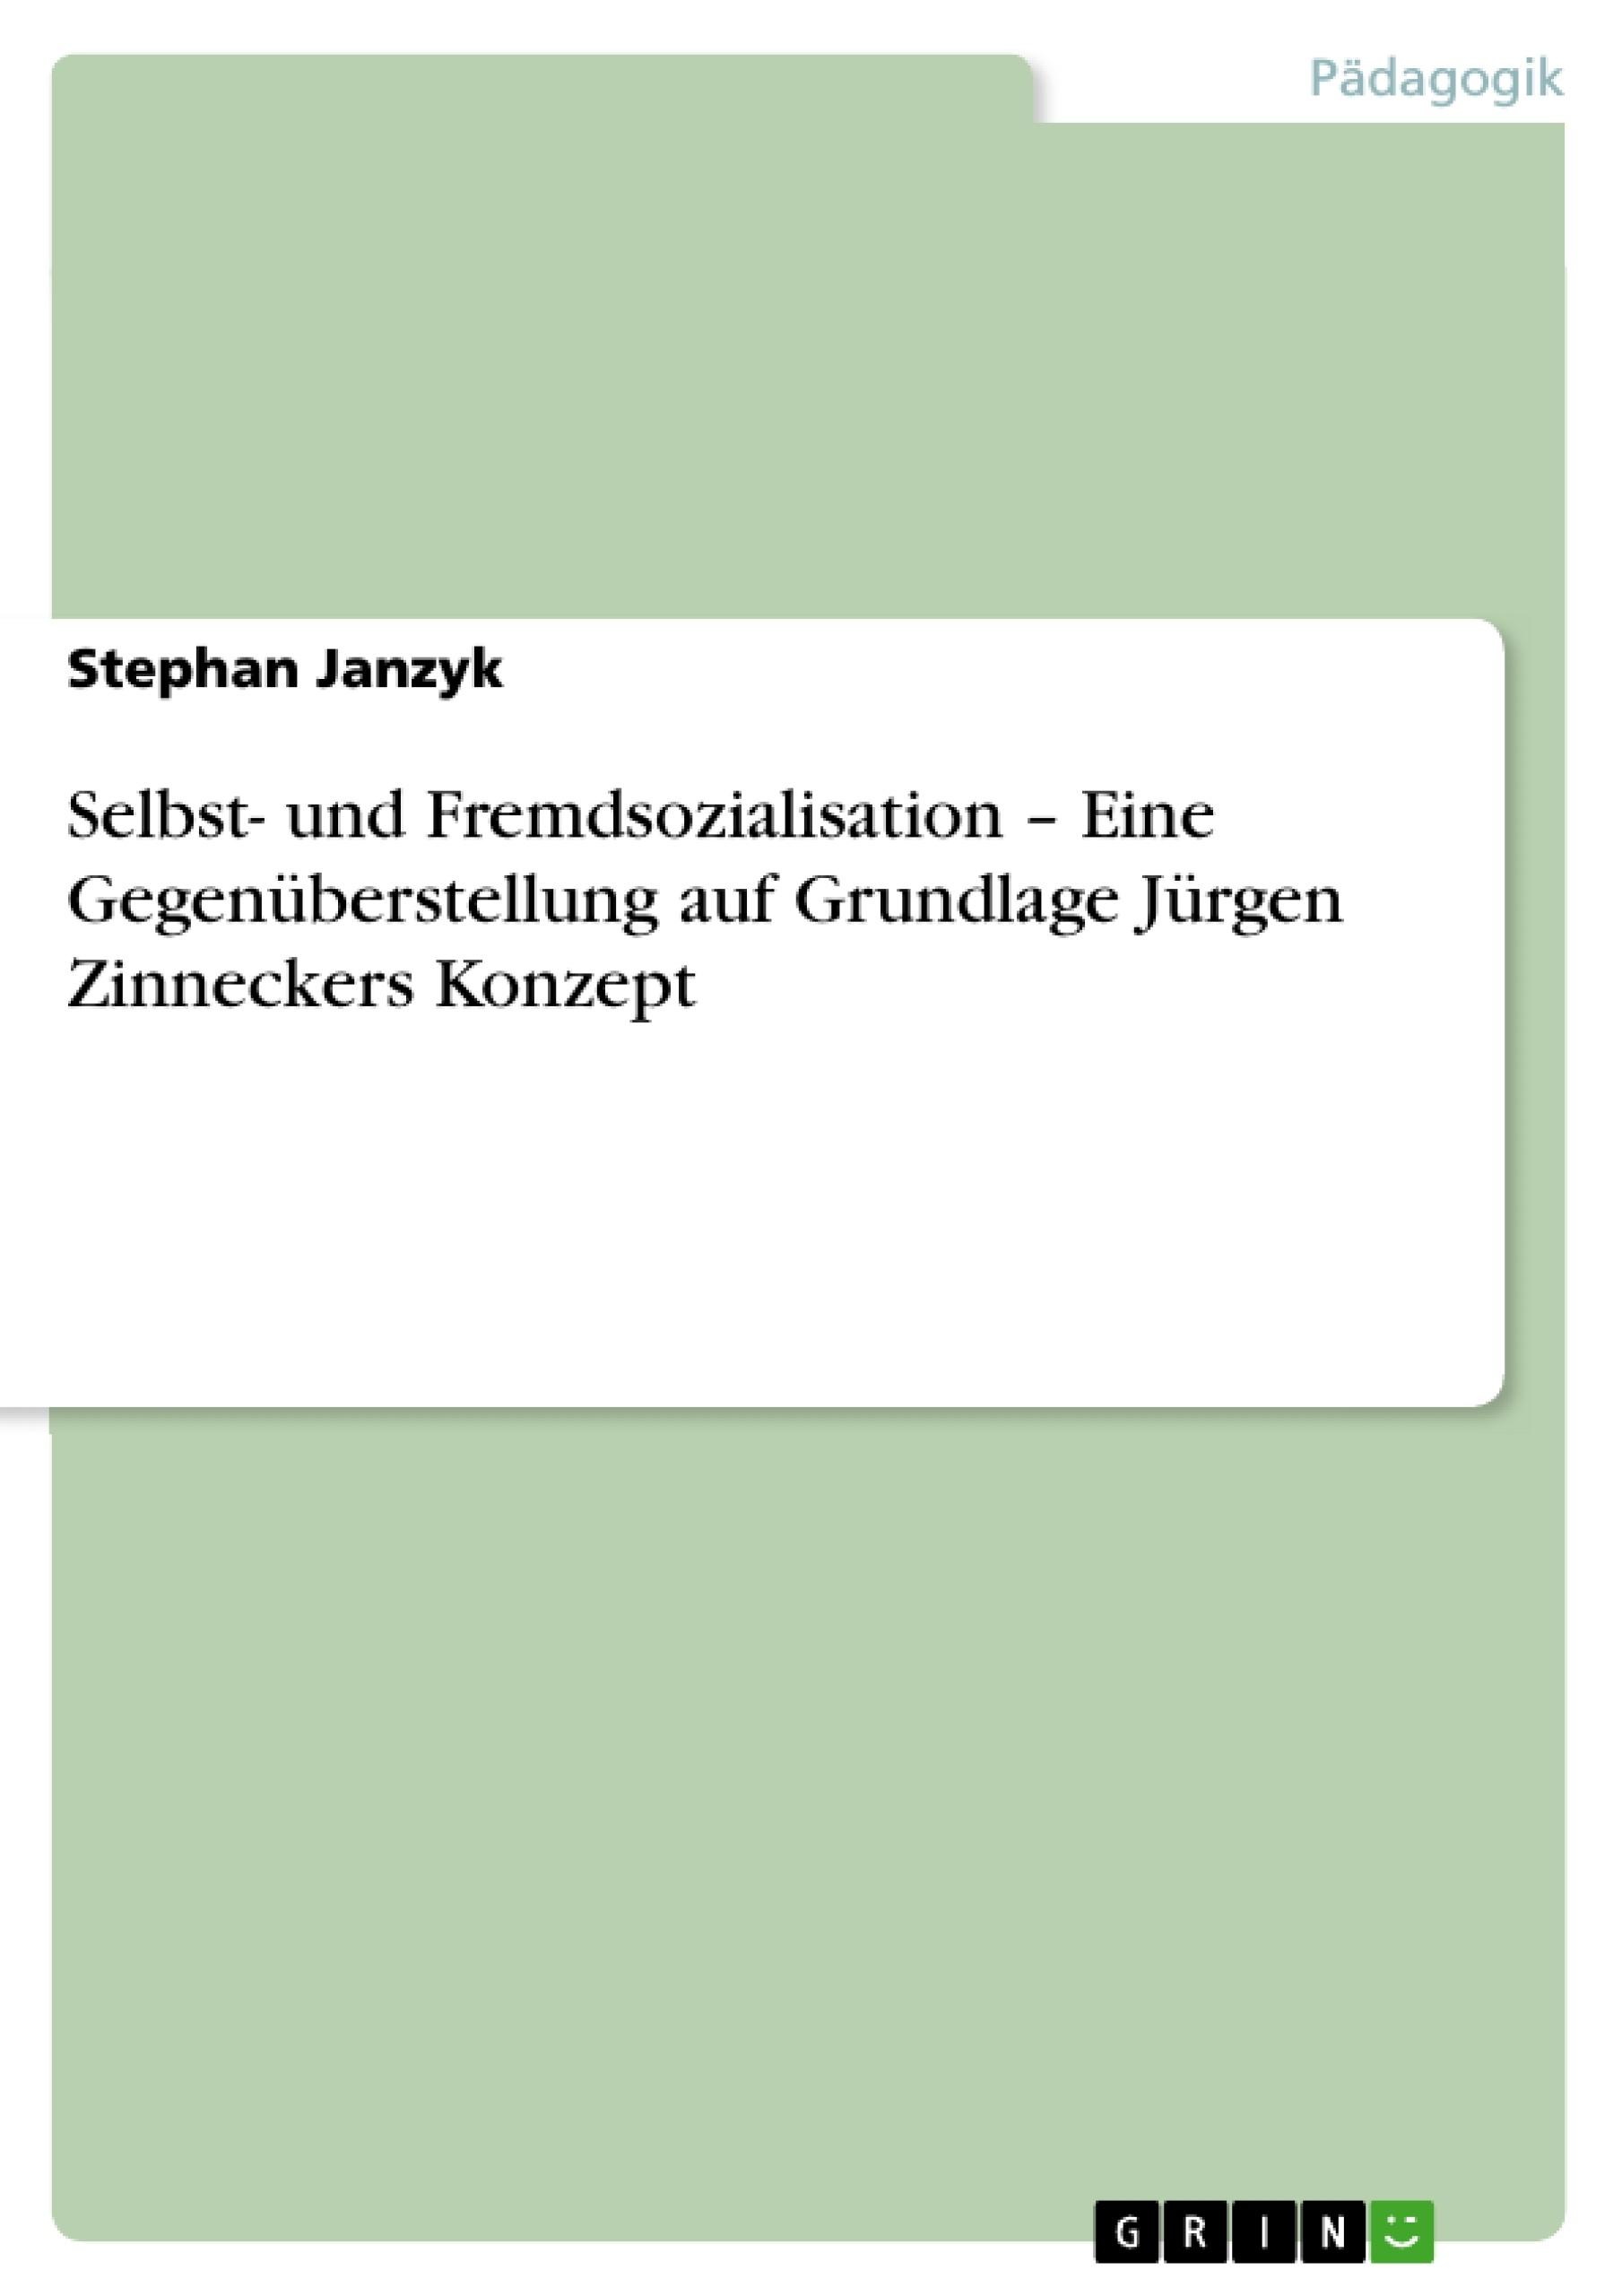 Titel: Selbst- und Fremdsozialisation – Eine Gegenüberstellung auf Grundlage Jürgen Zinneckers Konzept